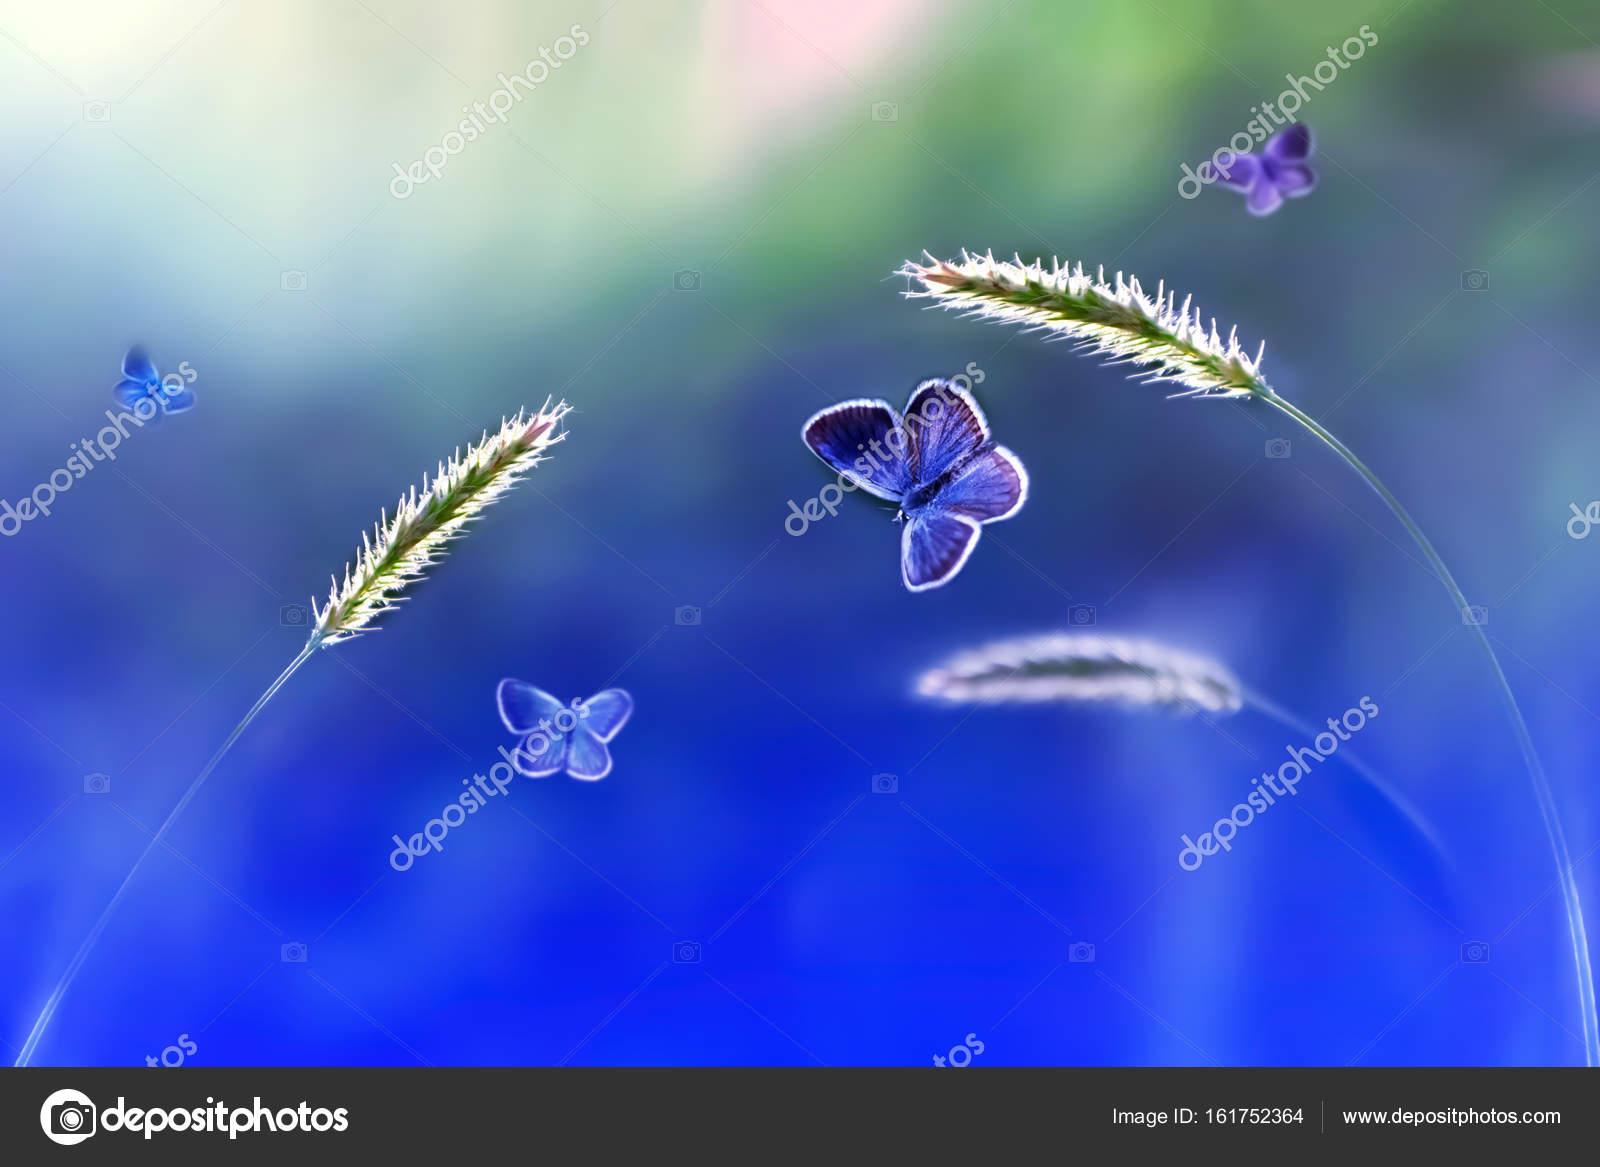 Motyle W Locie Na Tle Dzikiej Przyrody W Odcieniach Błękitu